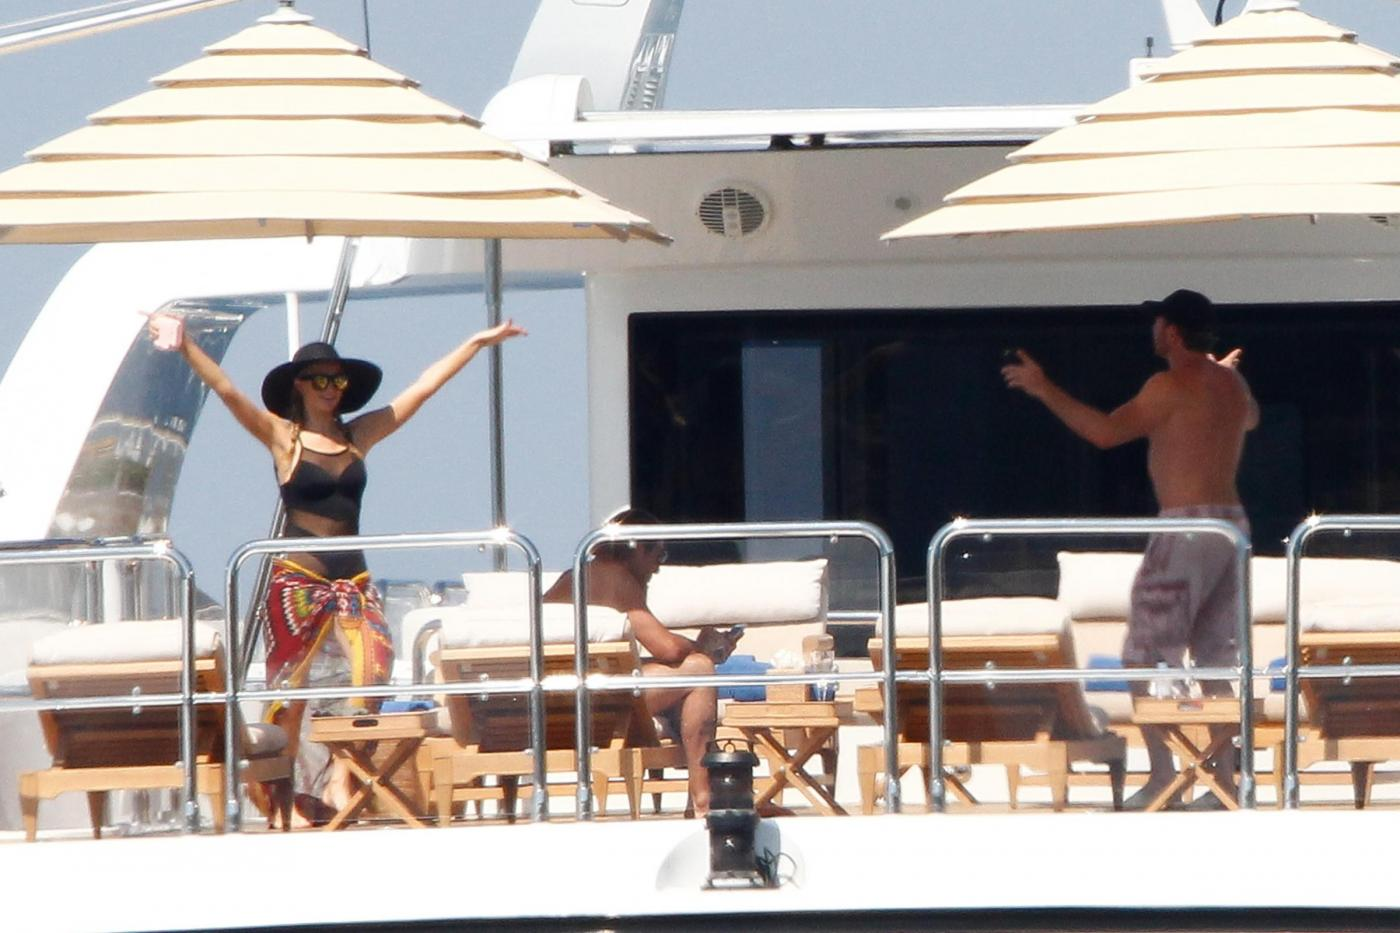 Paris Hilton e fidanzato a Formentera: sole, amore e yacht da sogno03